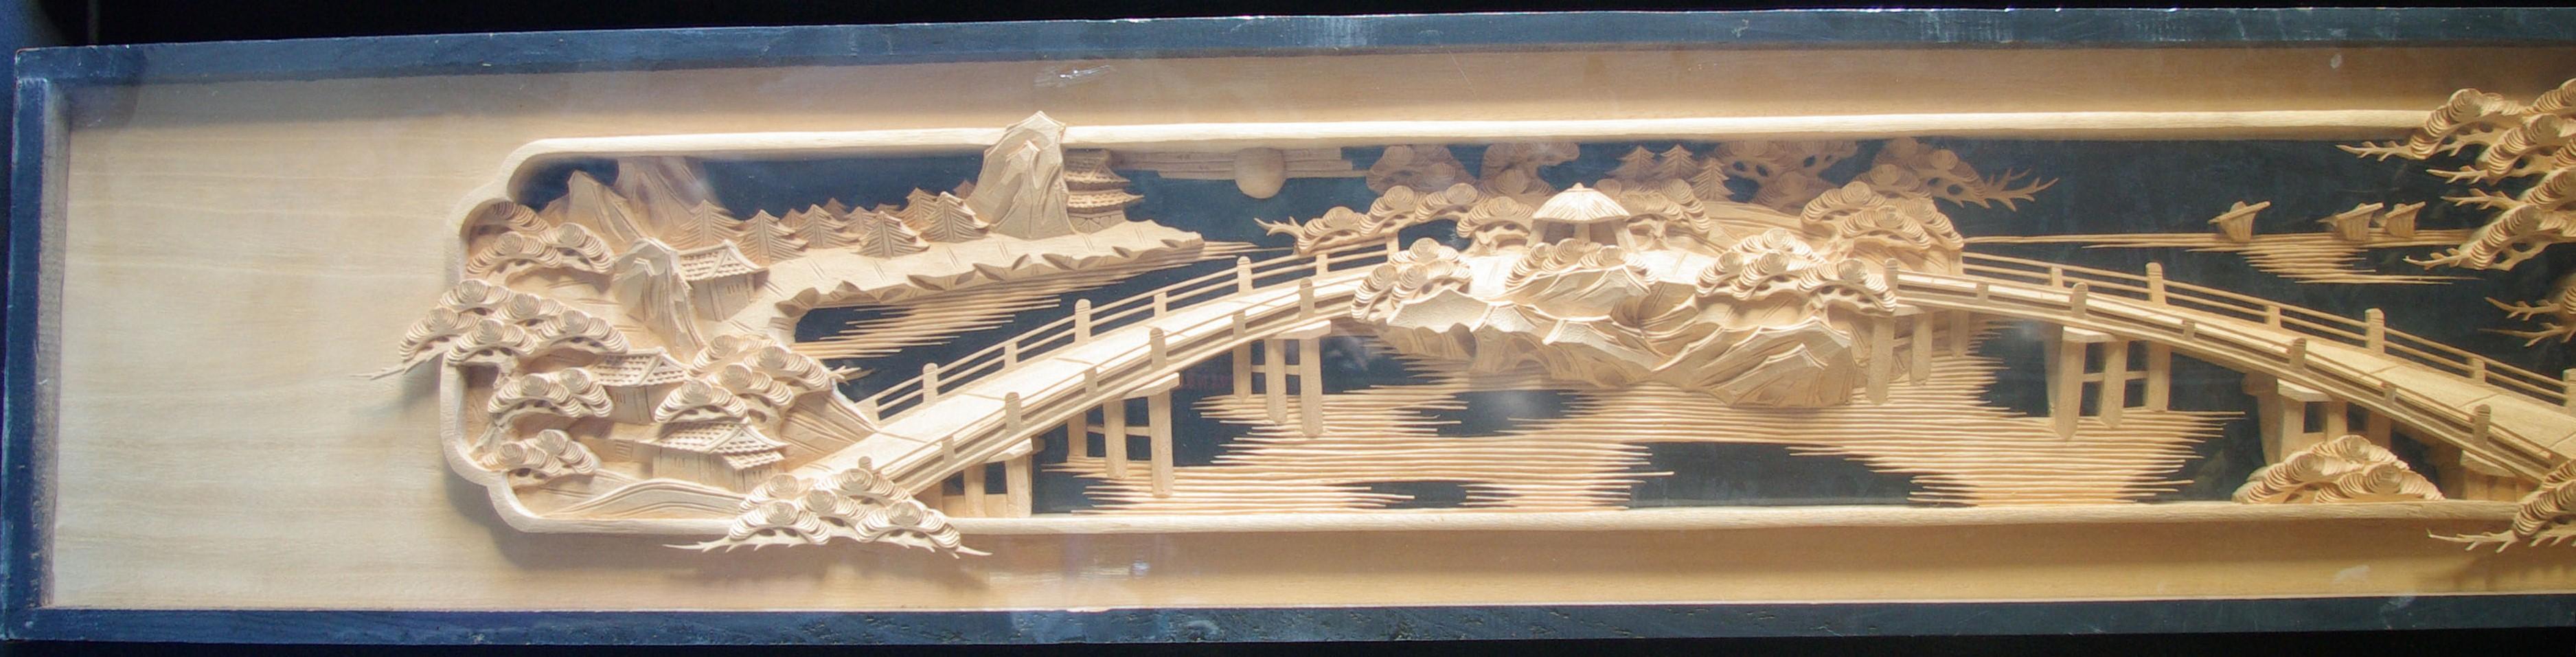 彫刻欄間の高原銘木店 > 0-99 > 0013 近江八景 7.5尺×1尺1寸×2寸 特上両面彫(桐)